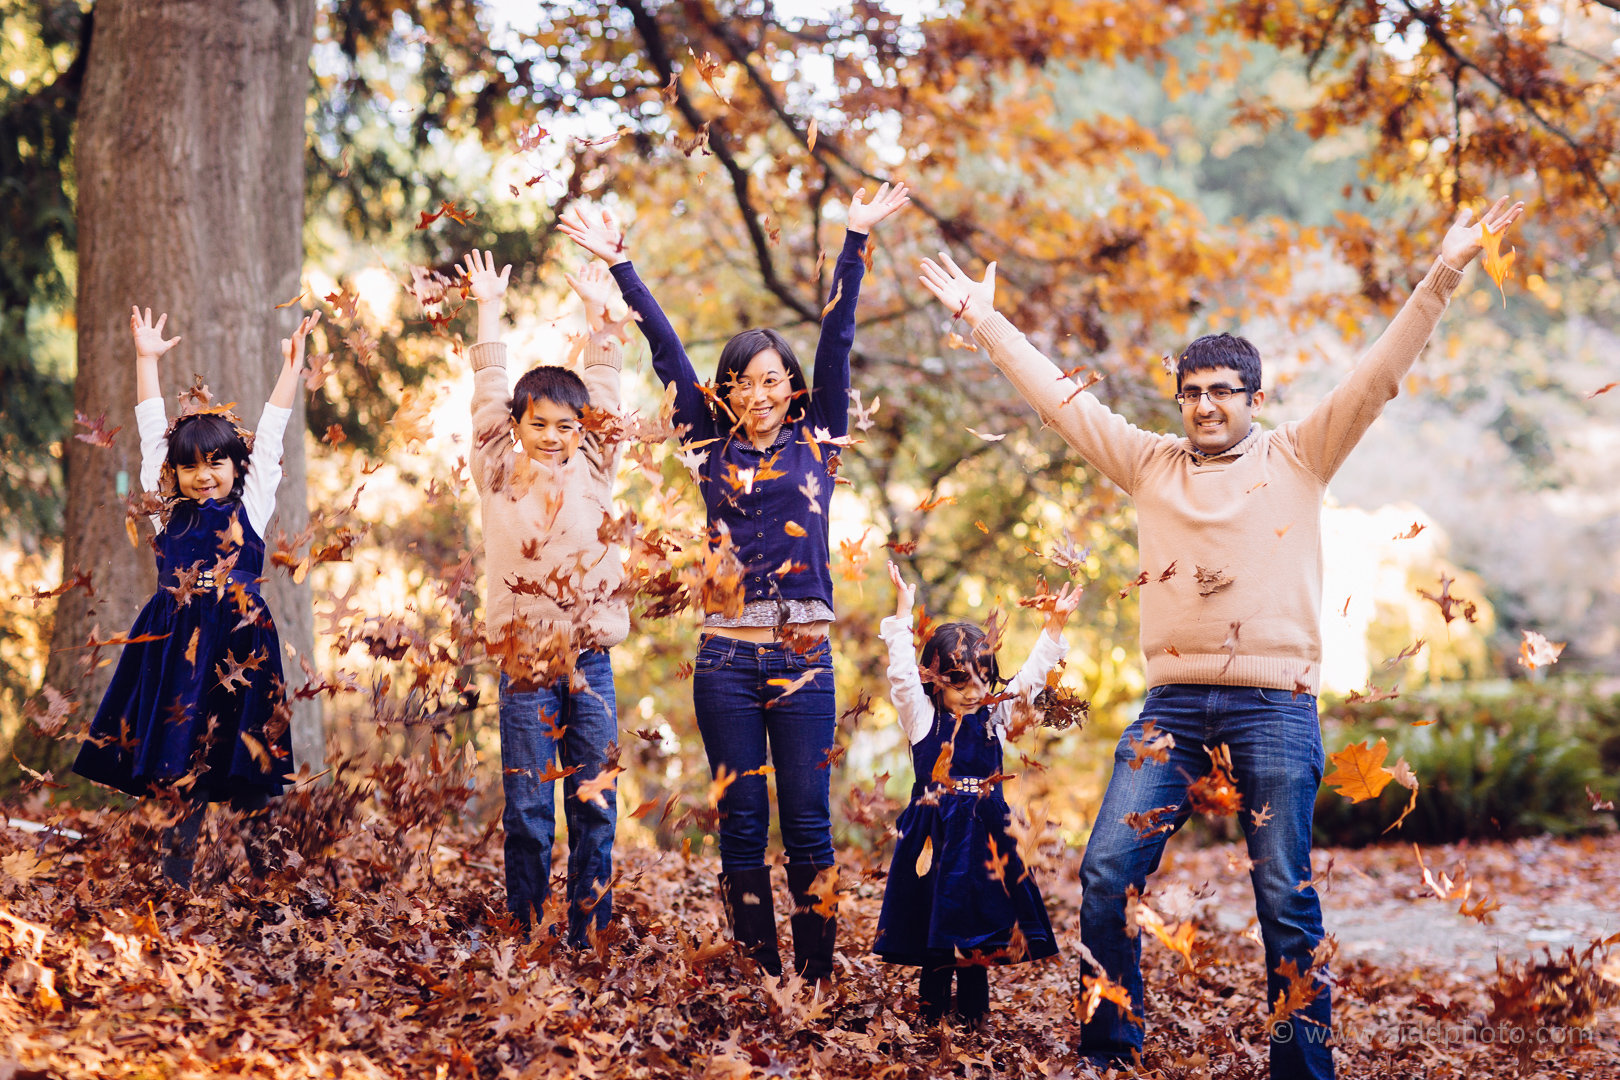 2014-11-16 - Linh Parag Family - _O5C8879-01